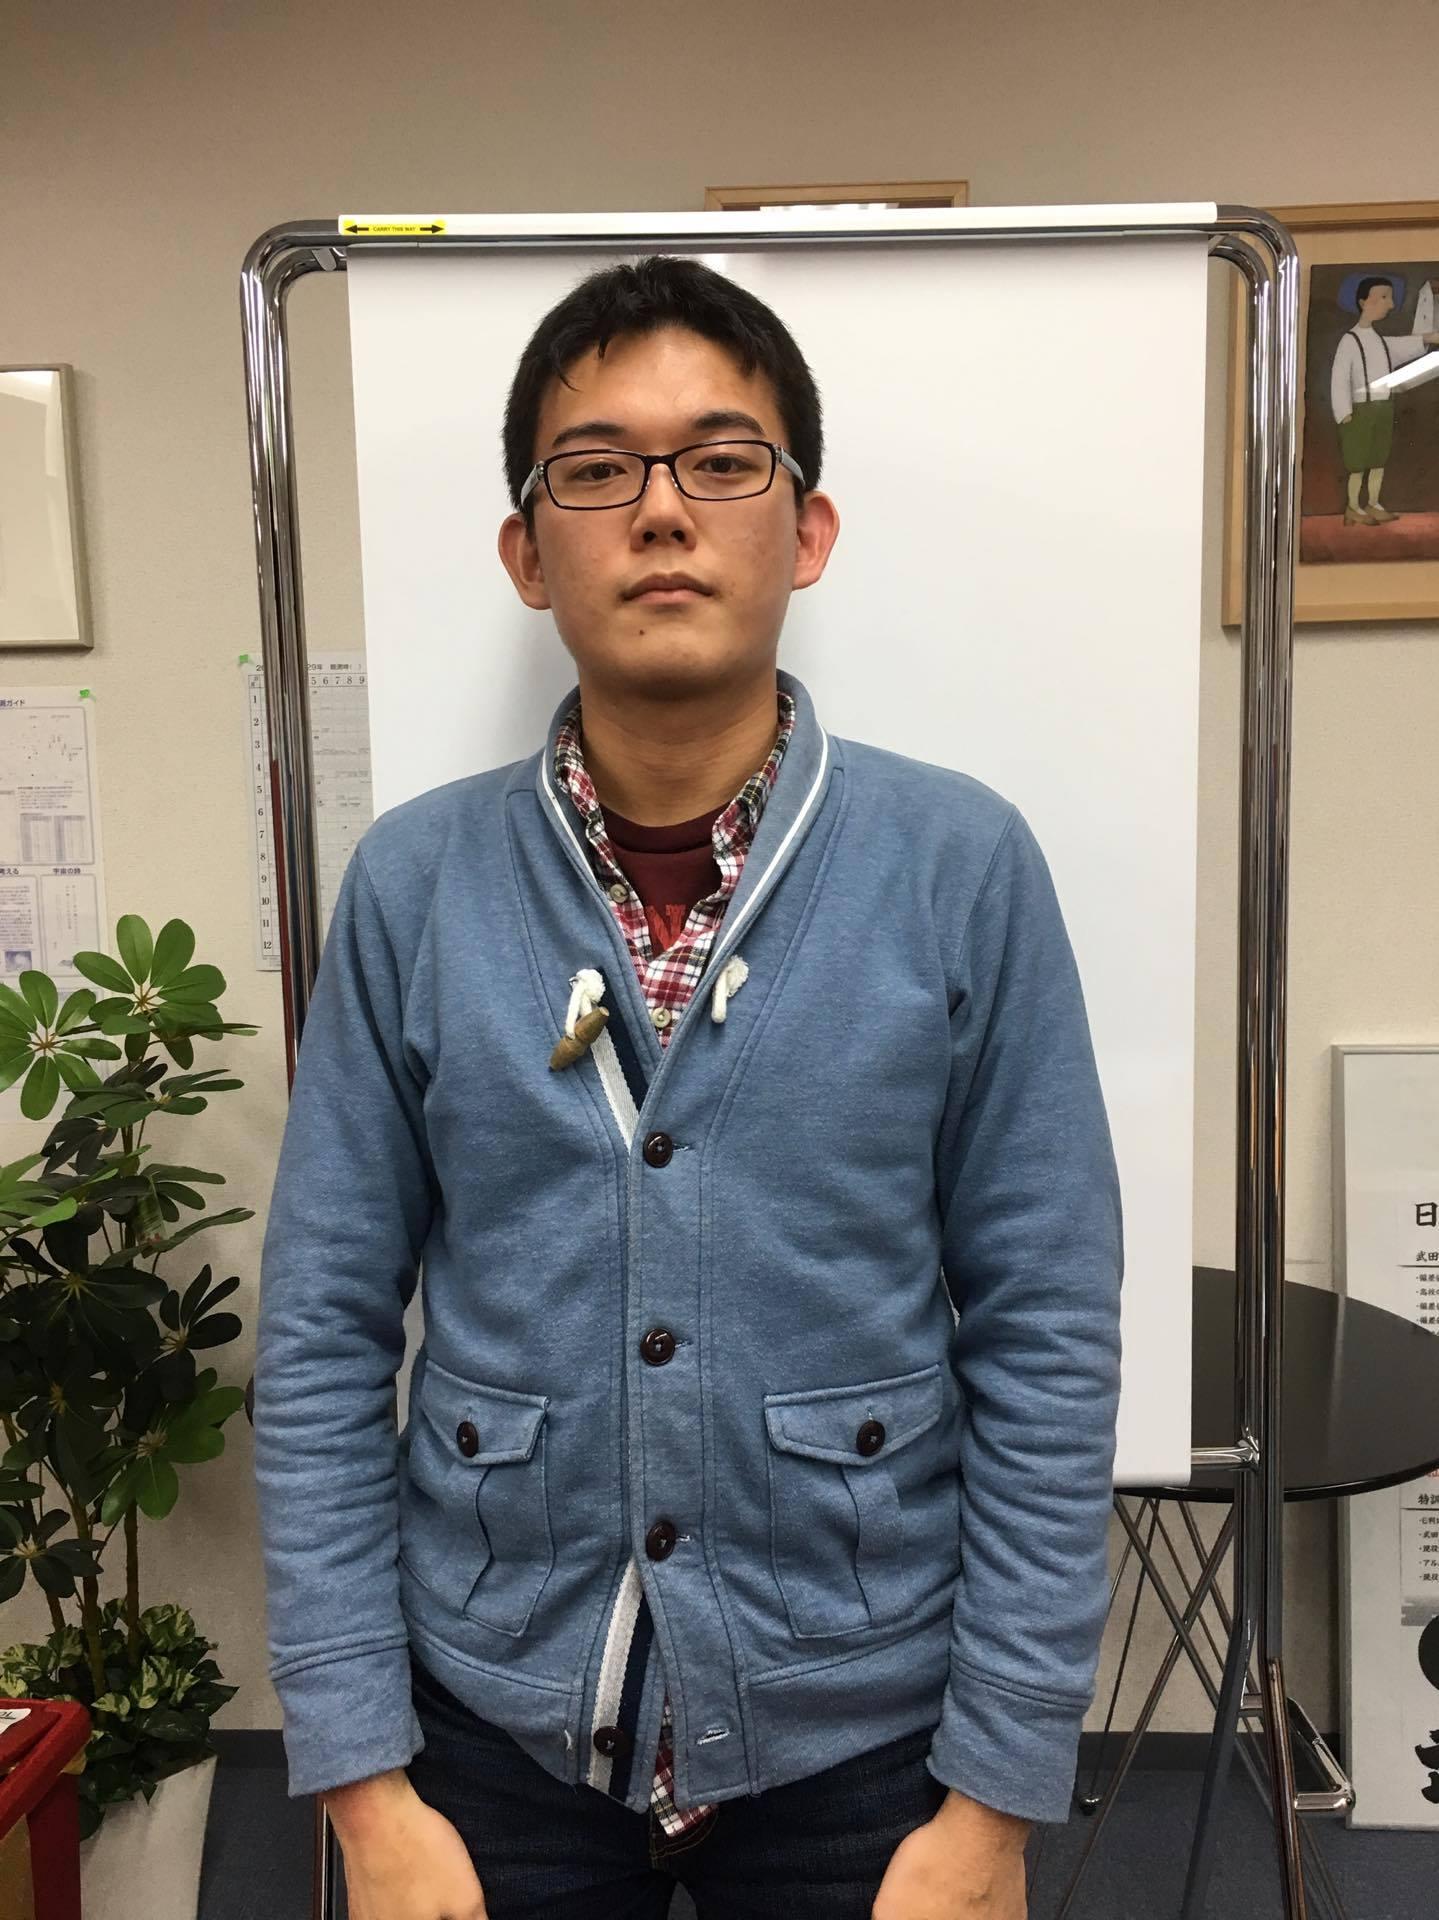 大学 横浜 理工 学部 国立